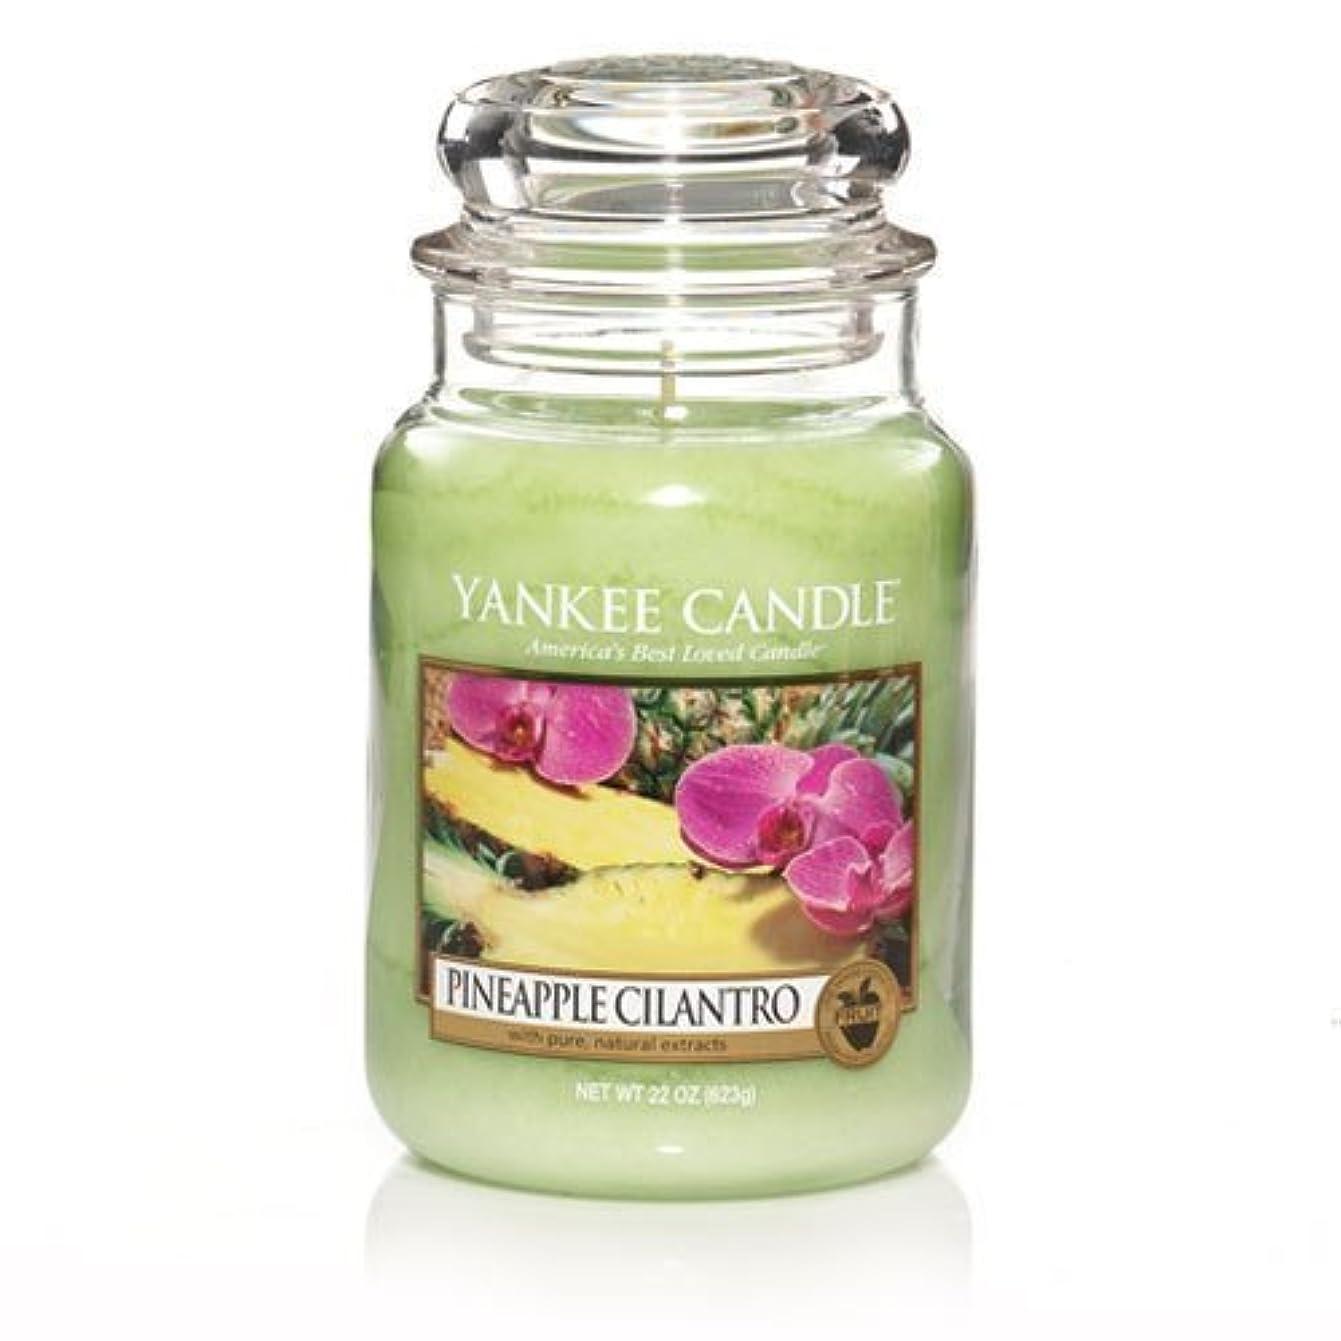 ましい頂点大臣Yankee Candle Pineapple Cilantro Large Jar 22oz Candle by Amazon source [並行輸入品]